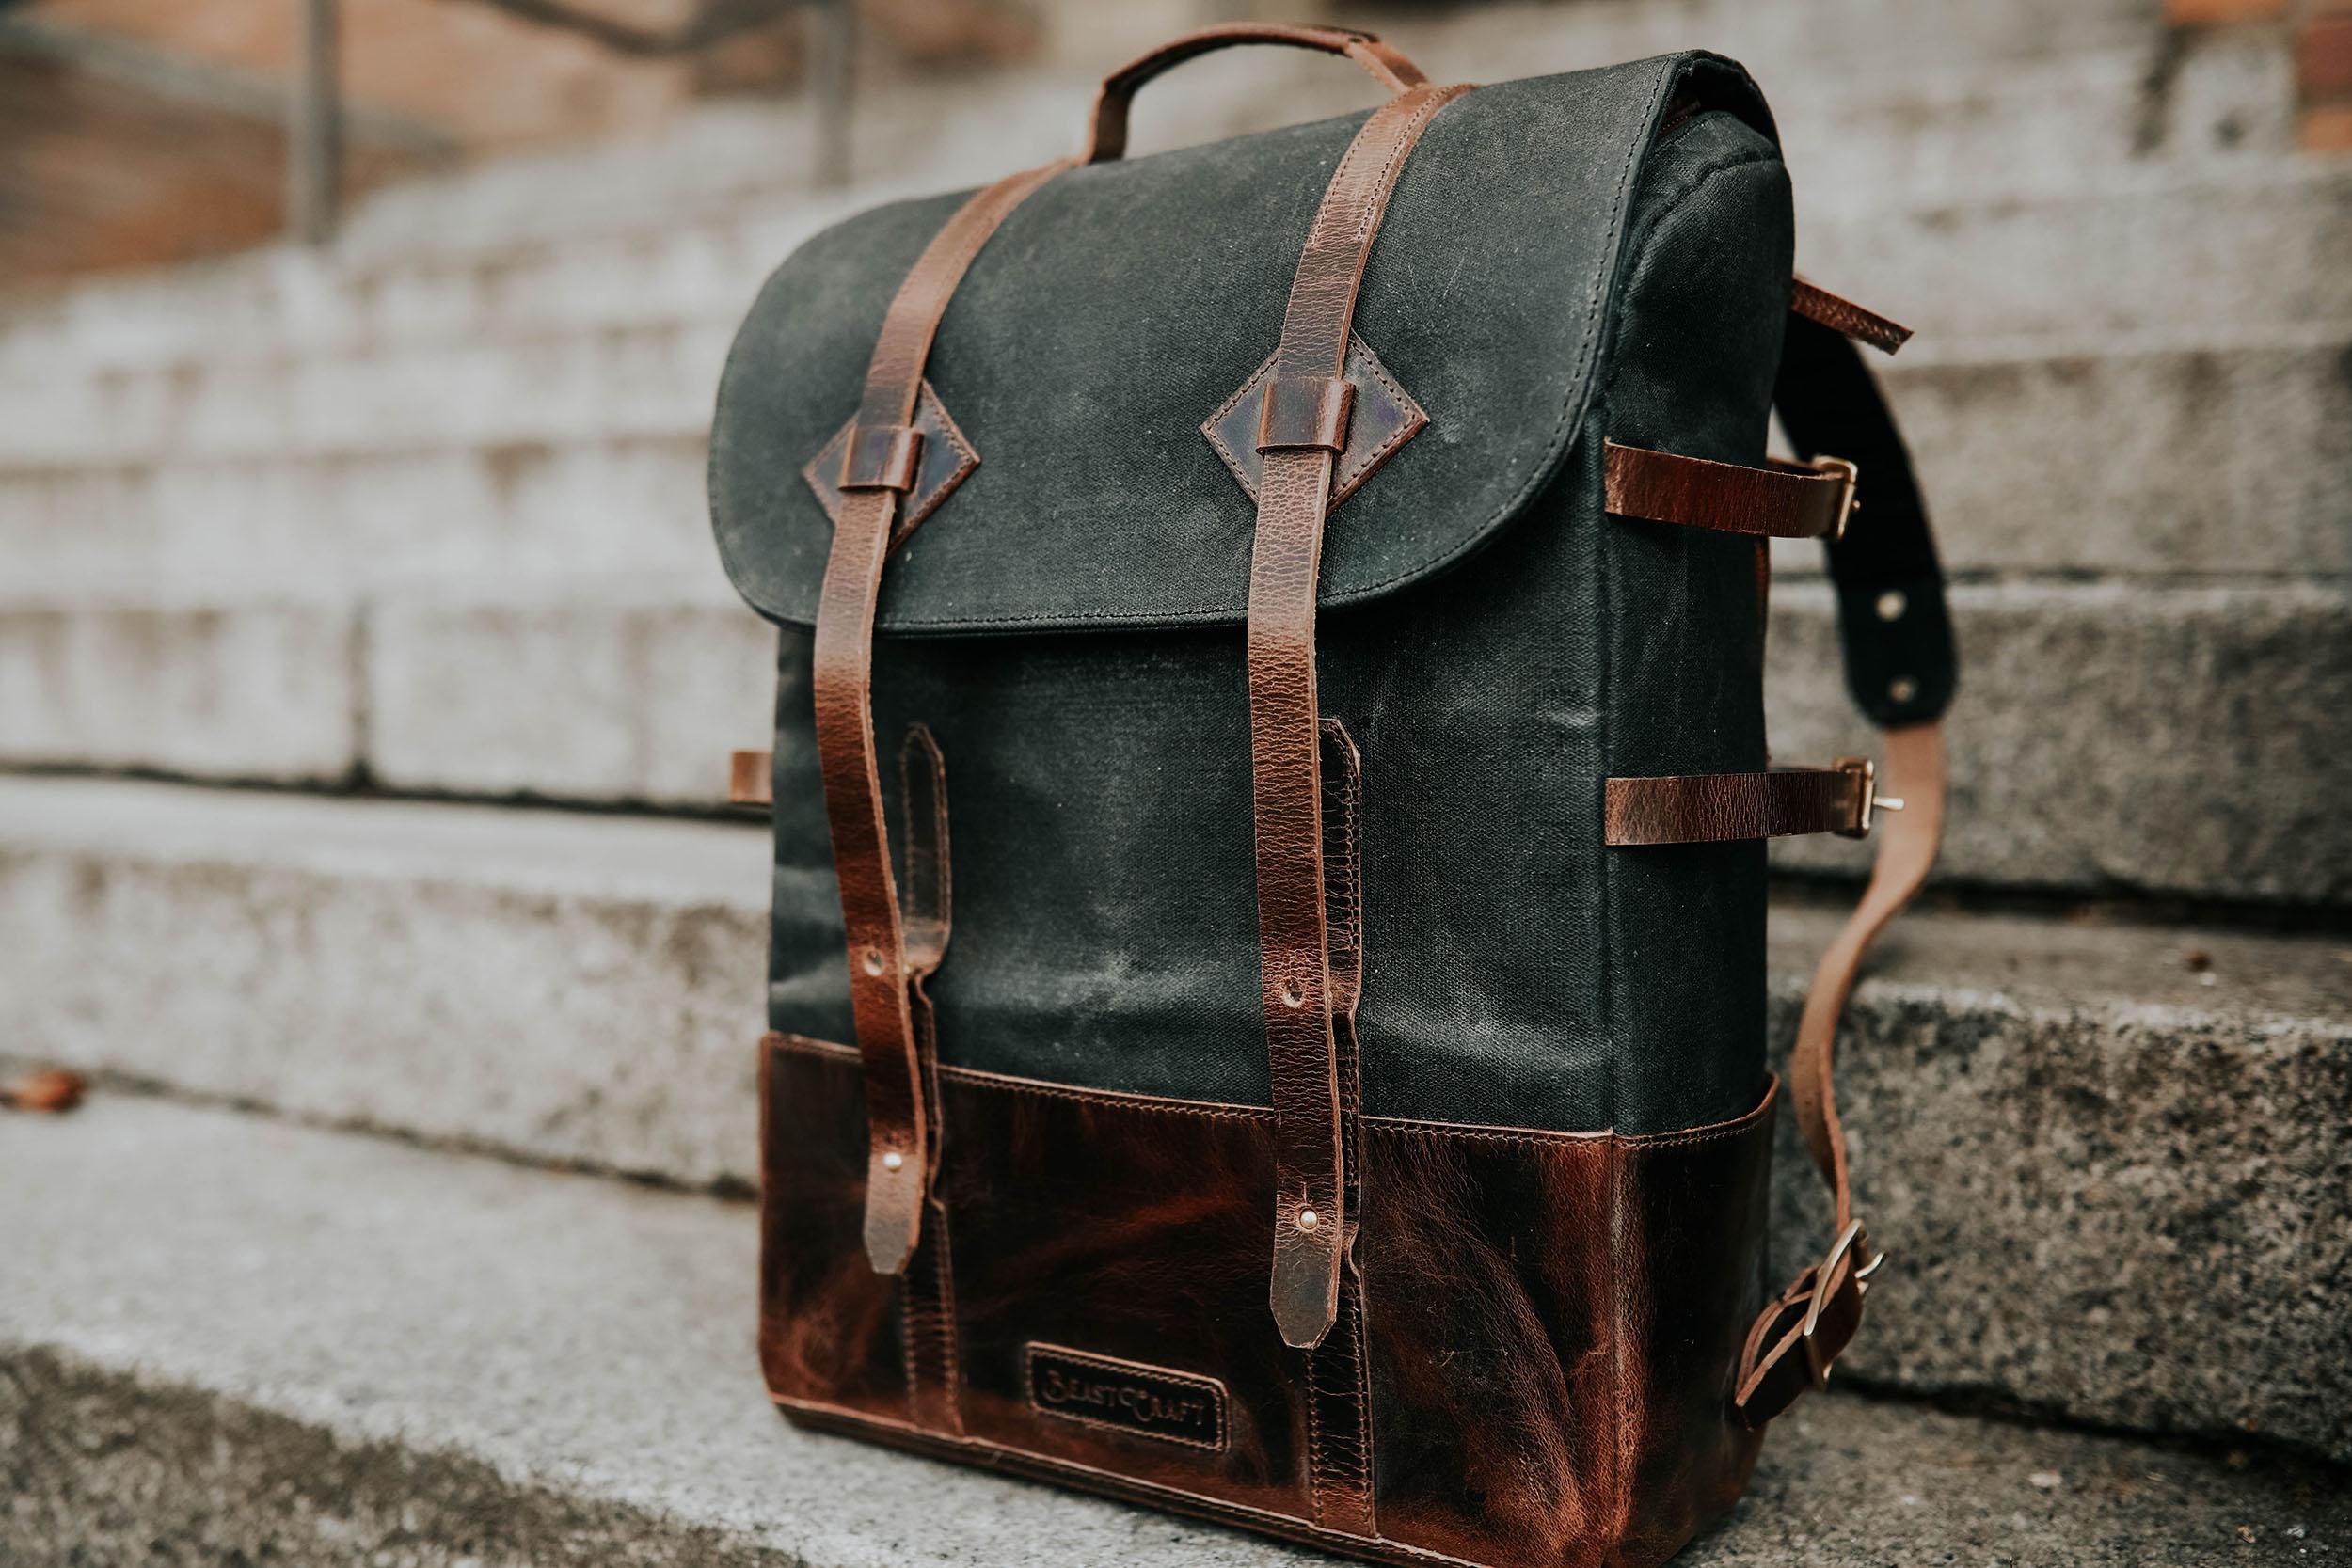 backpack on steps